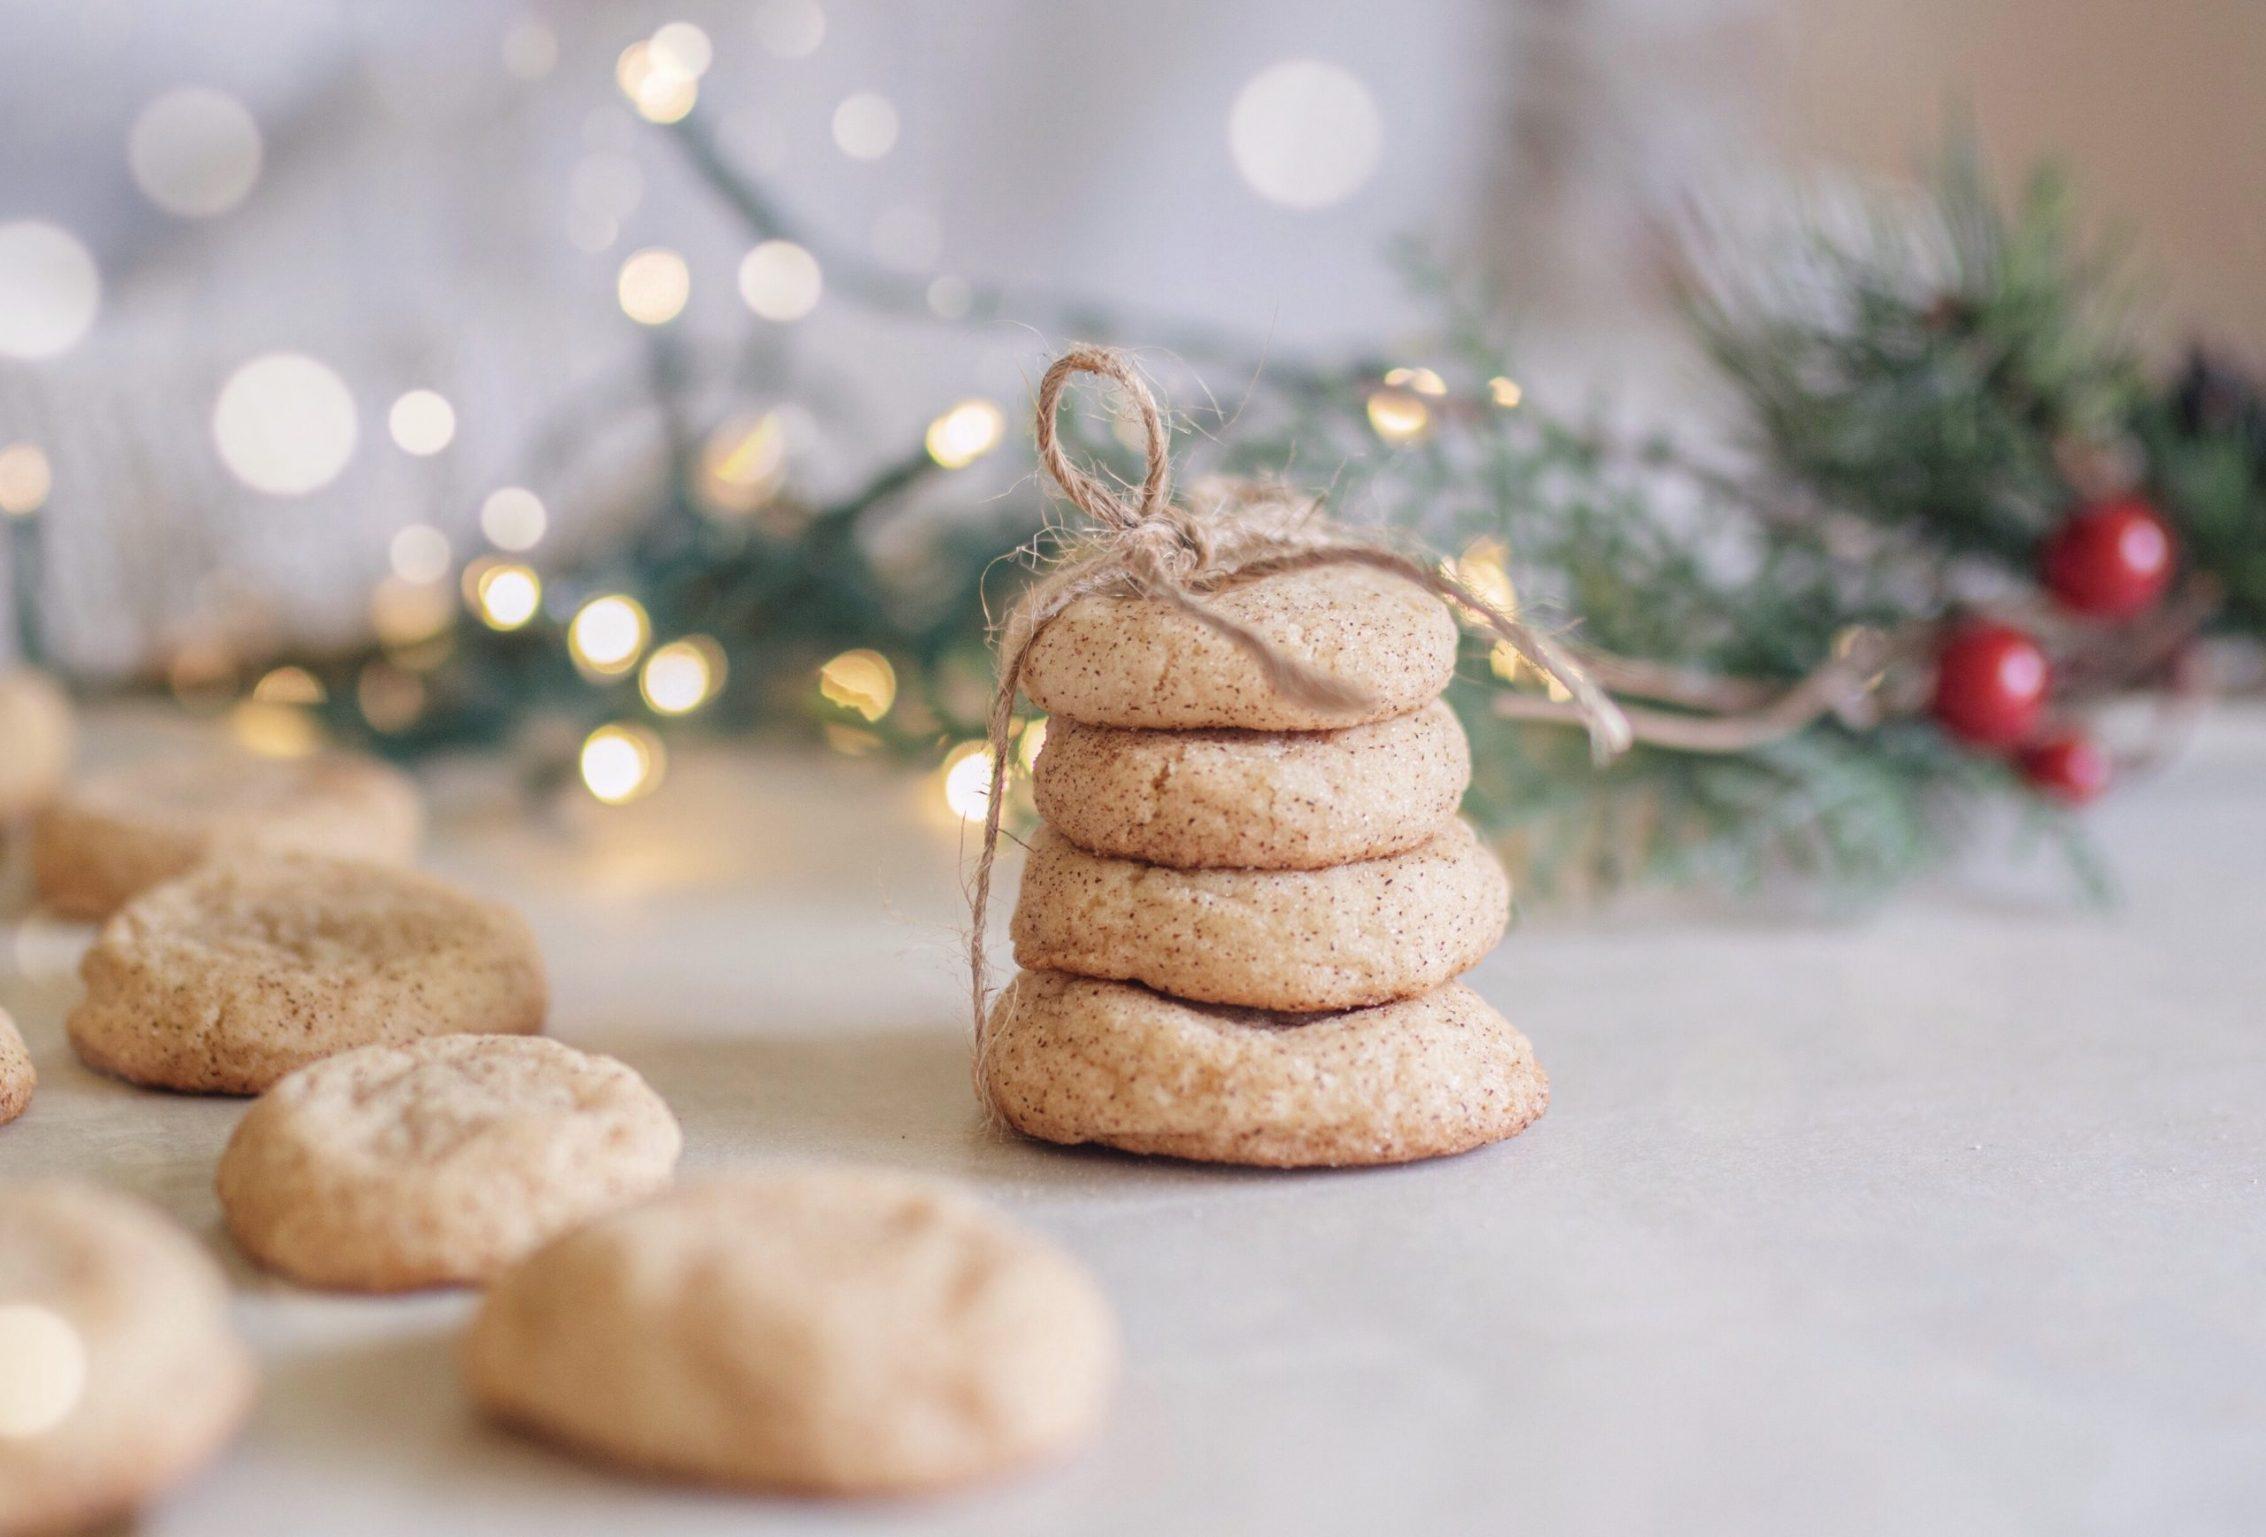 Cookie exchange with friends- Snickerdoodle Cookies